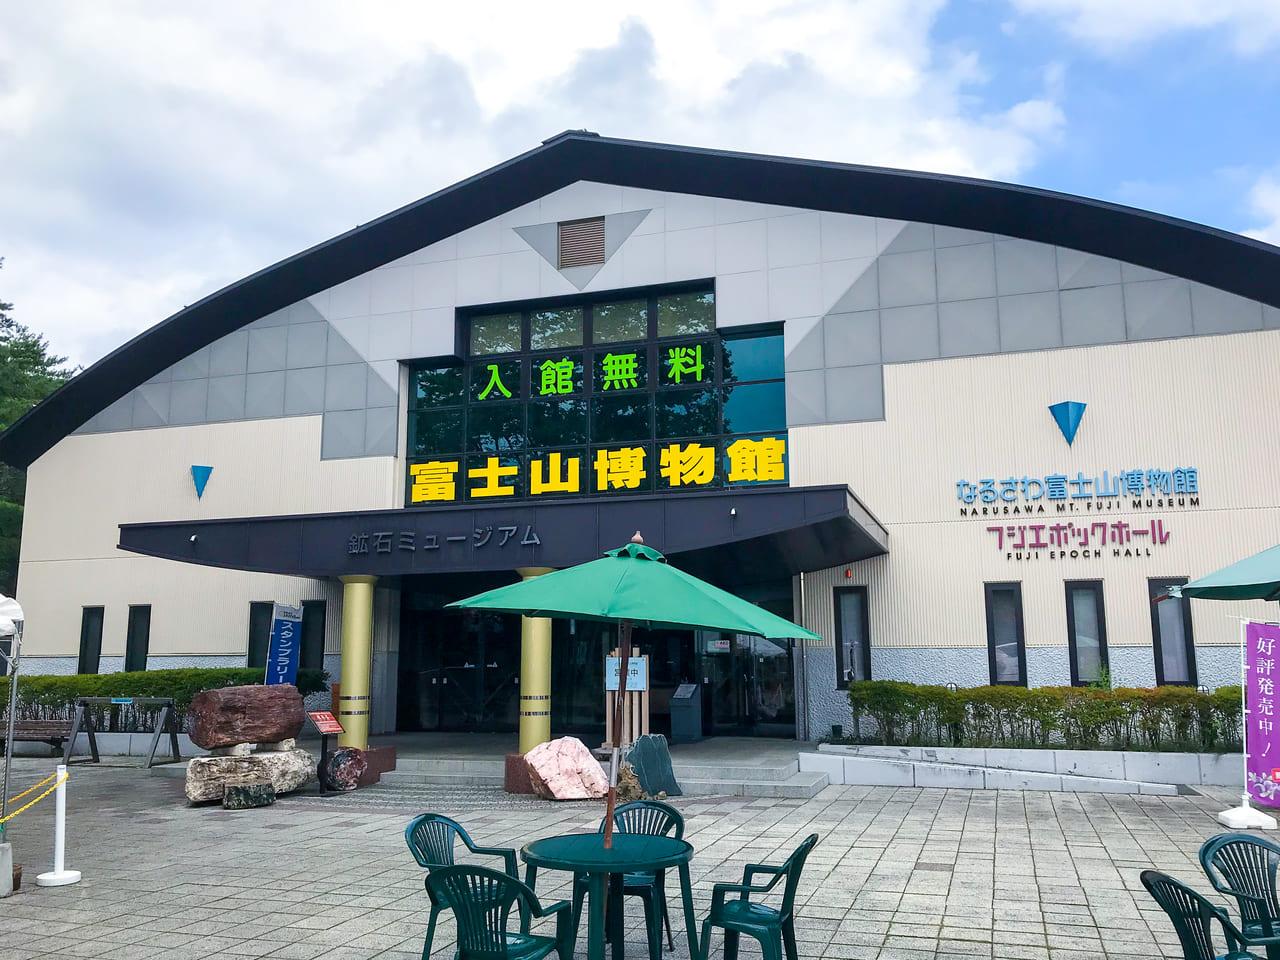 /道の駅なるさわにある富士山博物館